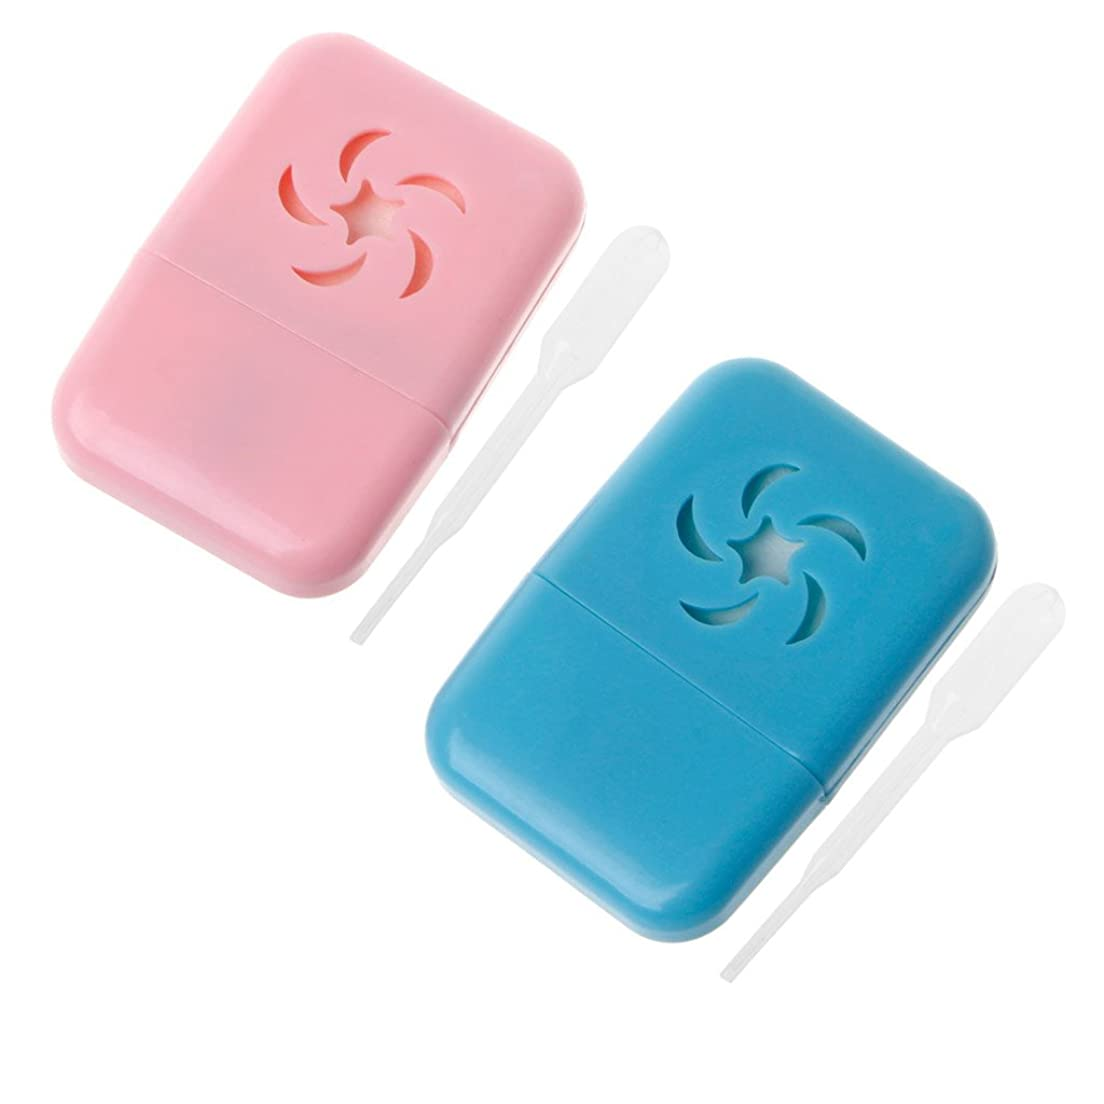 険しい礼儀リールSimpleLife USB車アロマセラピーディフューザーアロマ加湿器エッセンシャルオイルフレッシュポータブルカラーランダムで3.7x5.5cm / 1.46x2.17in